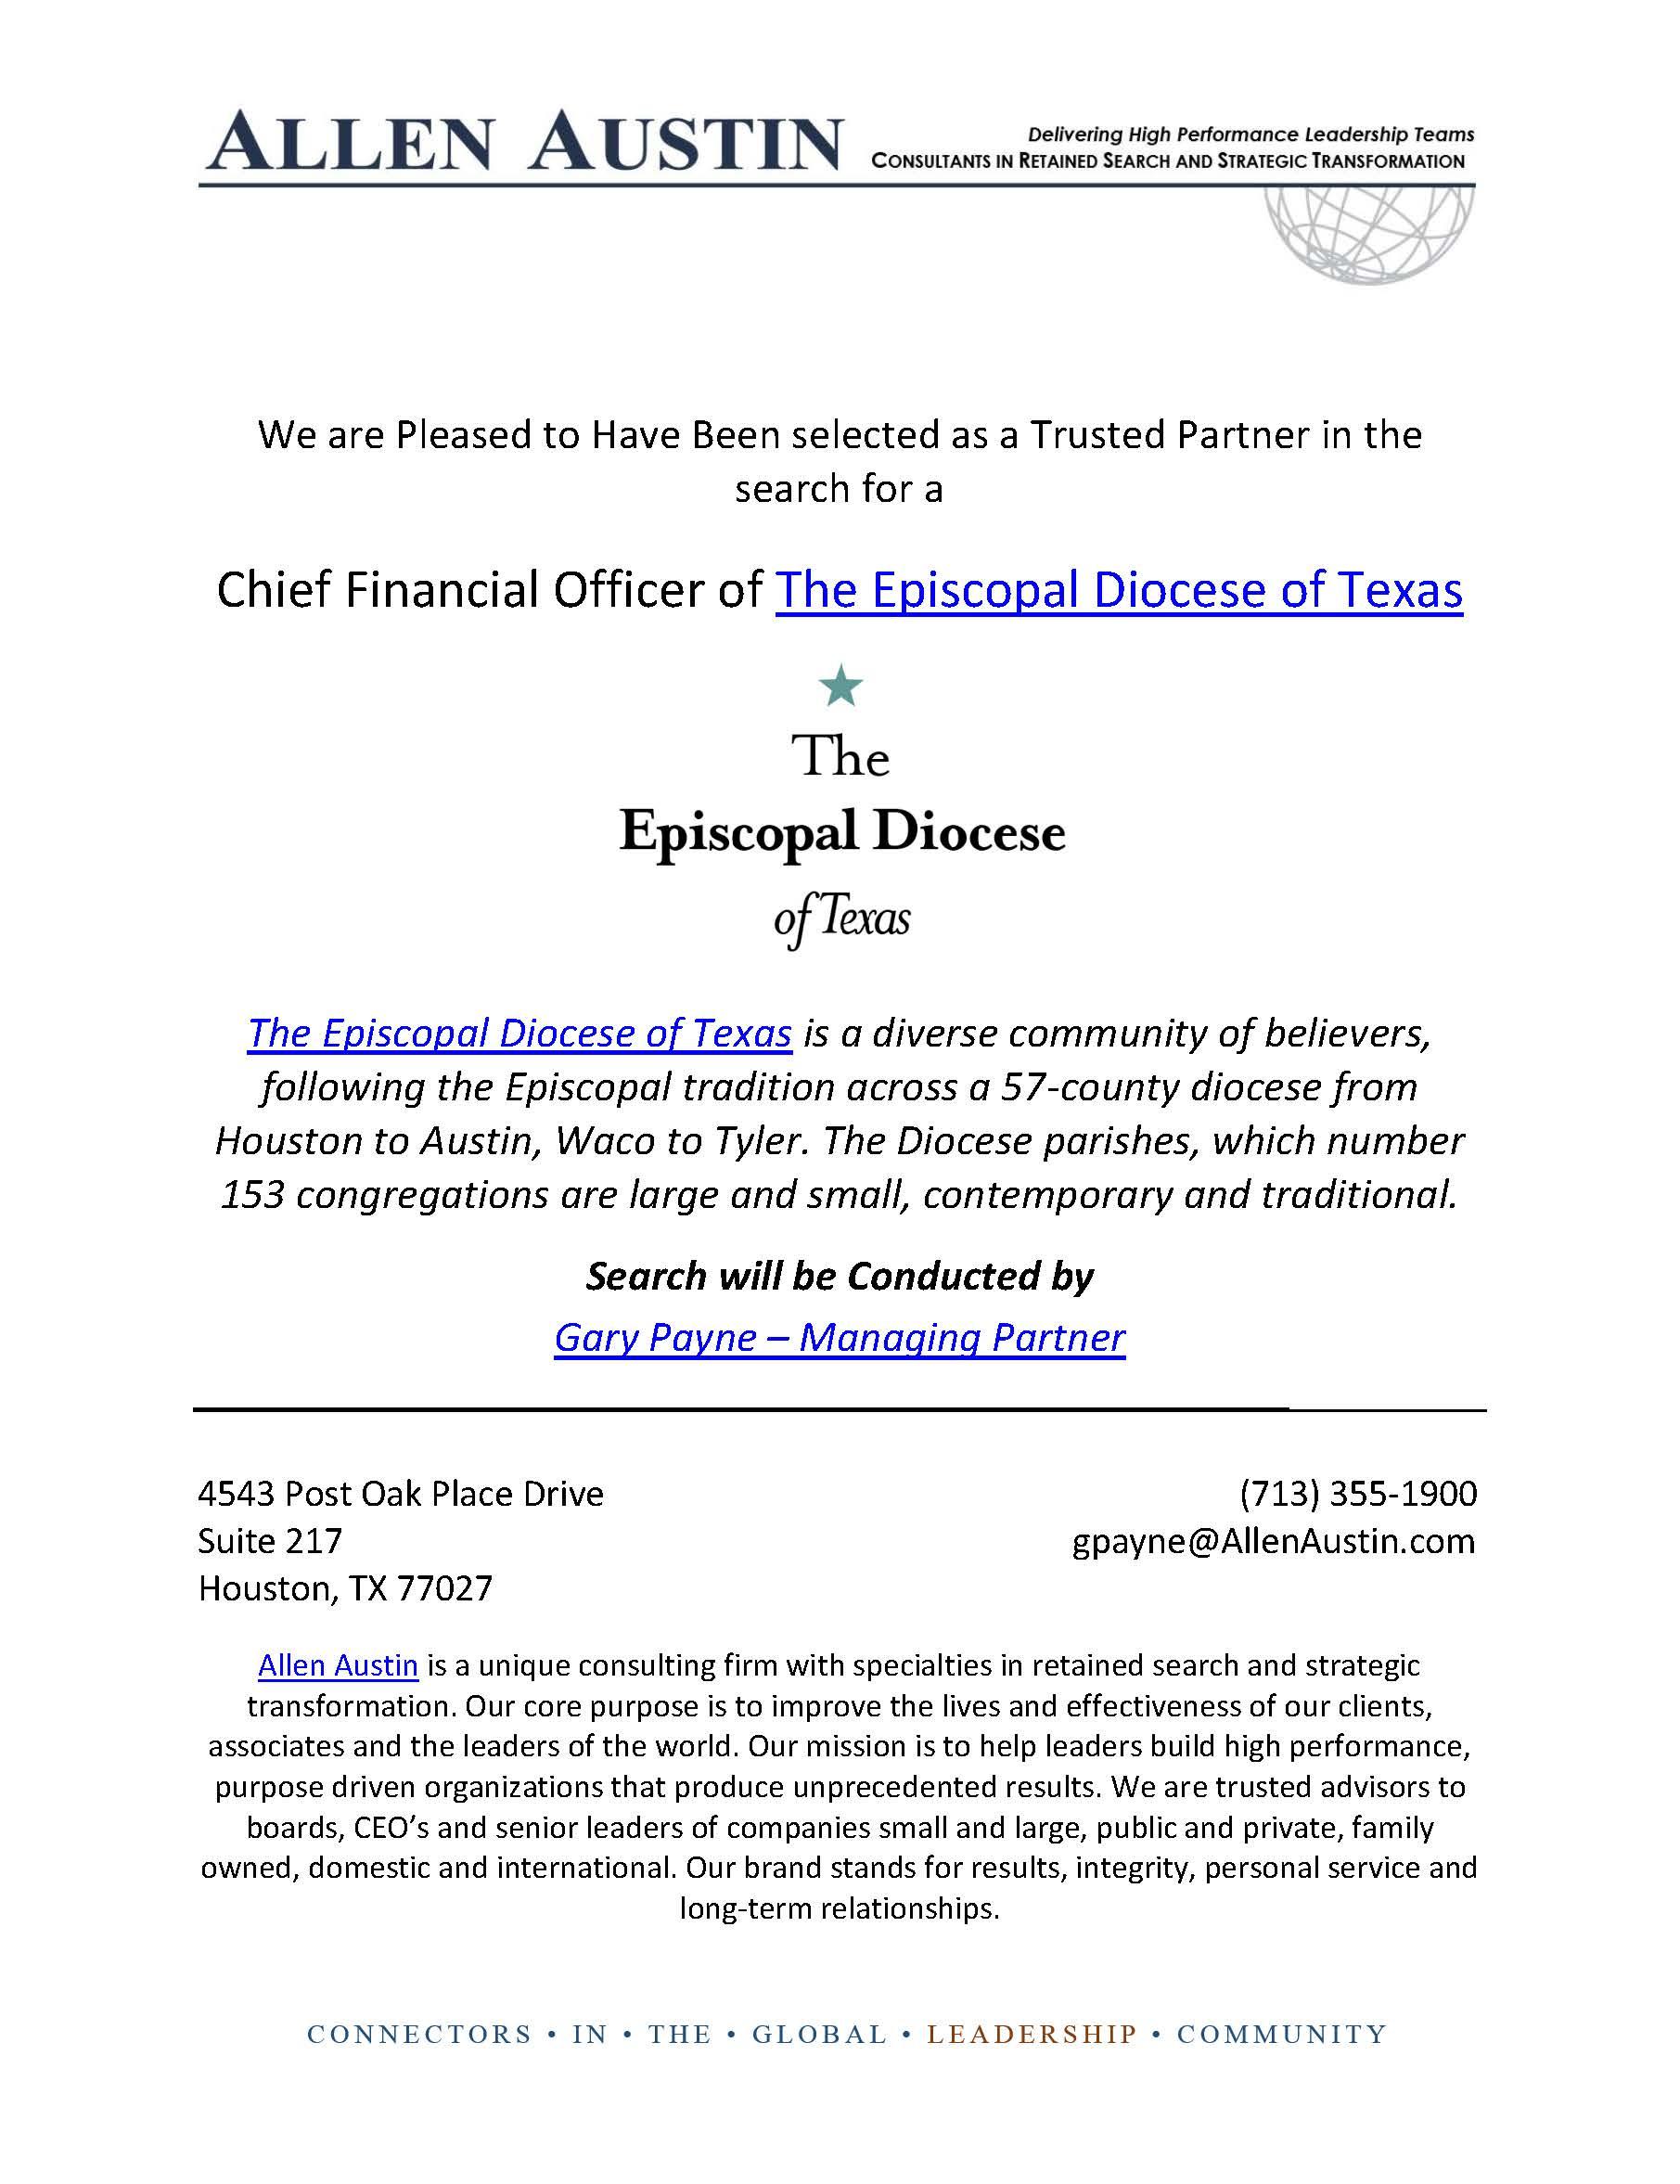 Episcopal Diocese CFO